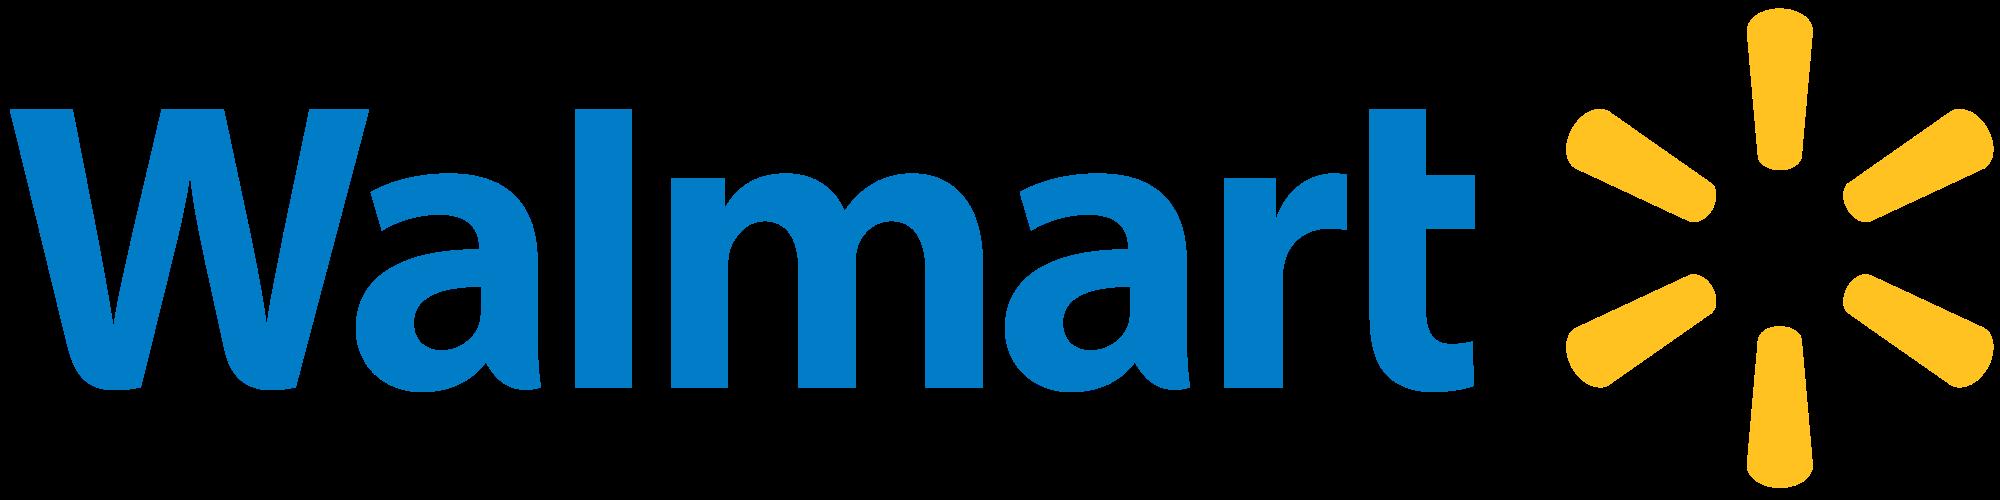 Image walmart